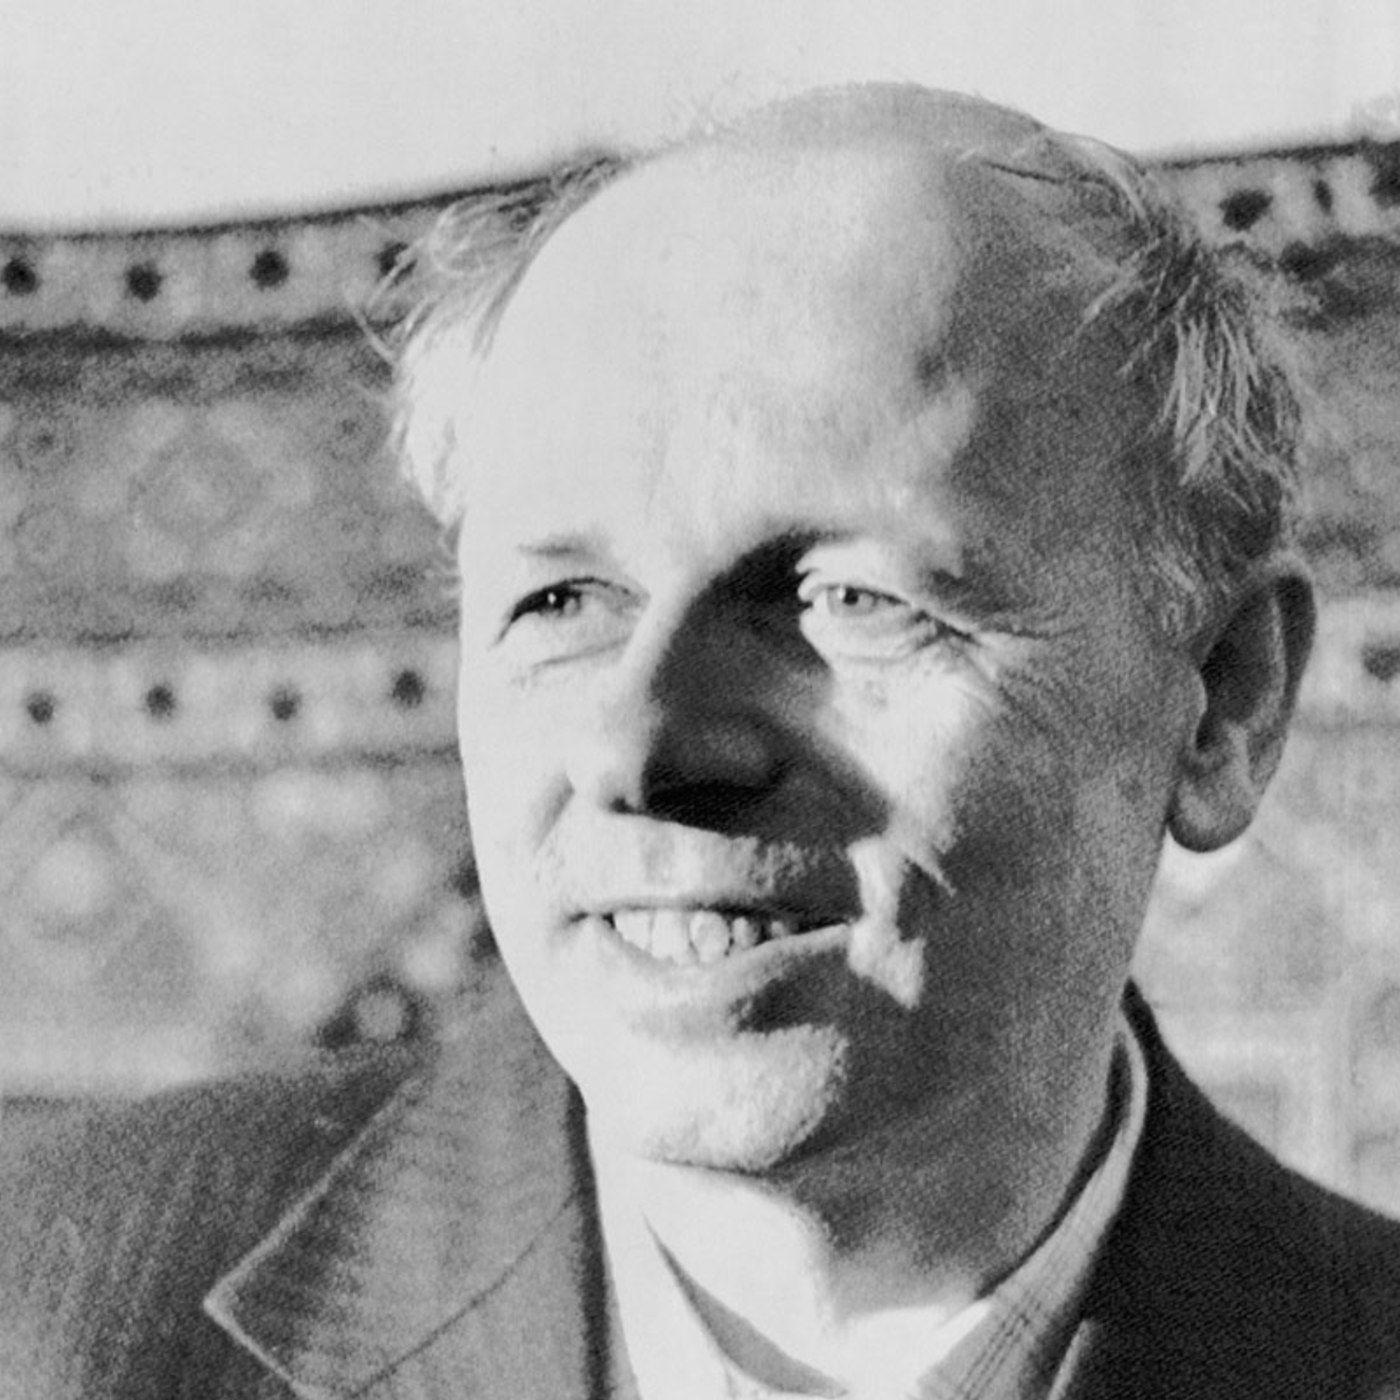 Как атом изменил нашу жизнь. Лекция 5. Физики как самые свободные люди в СССР